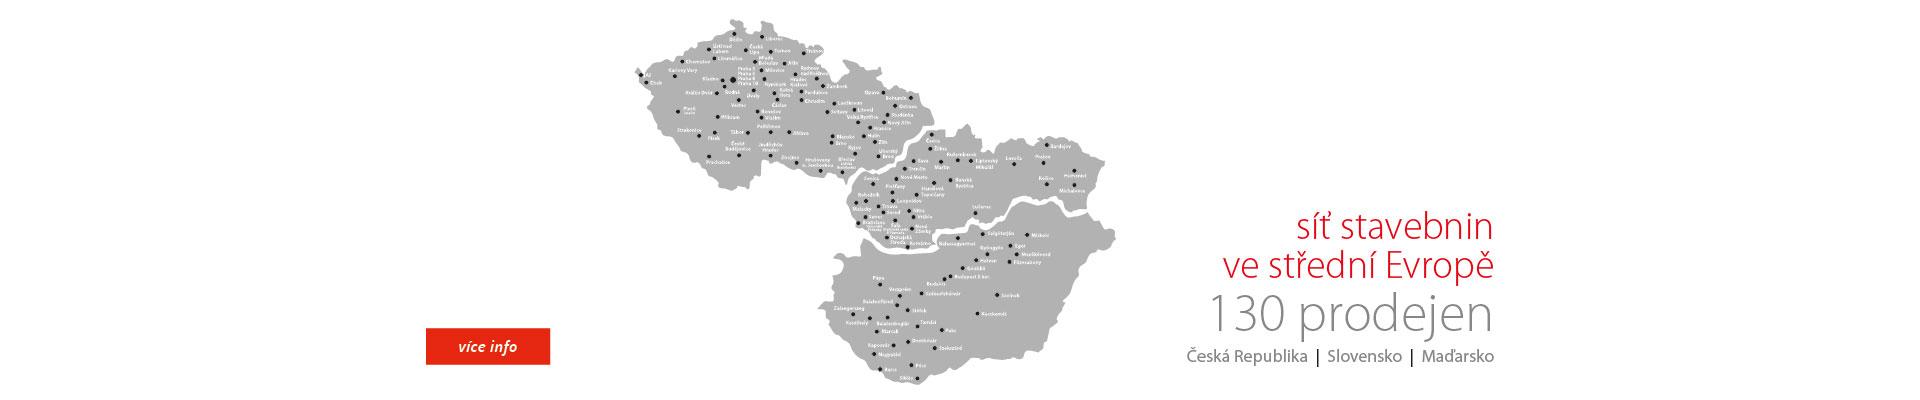 síť stavebniny